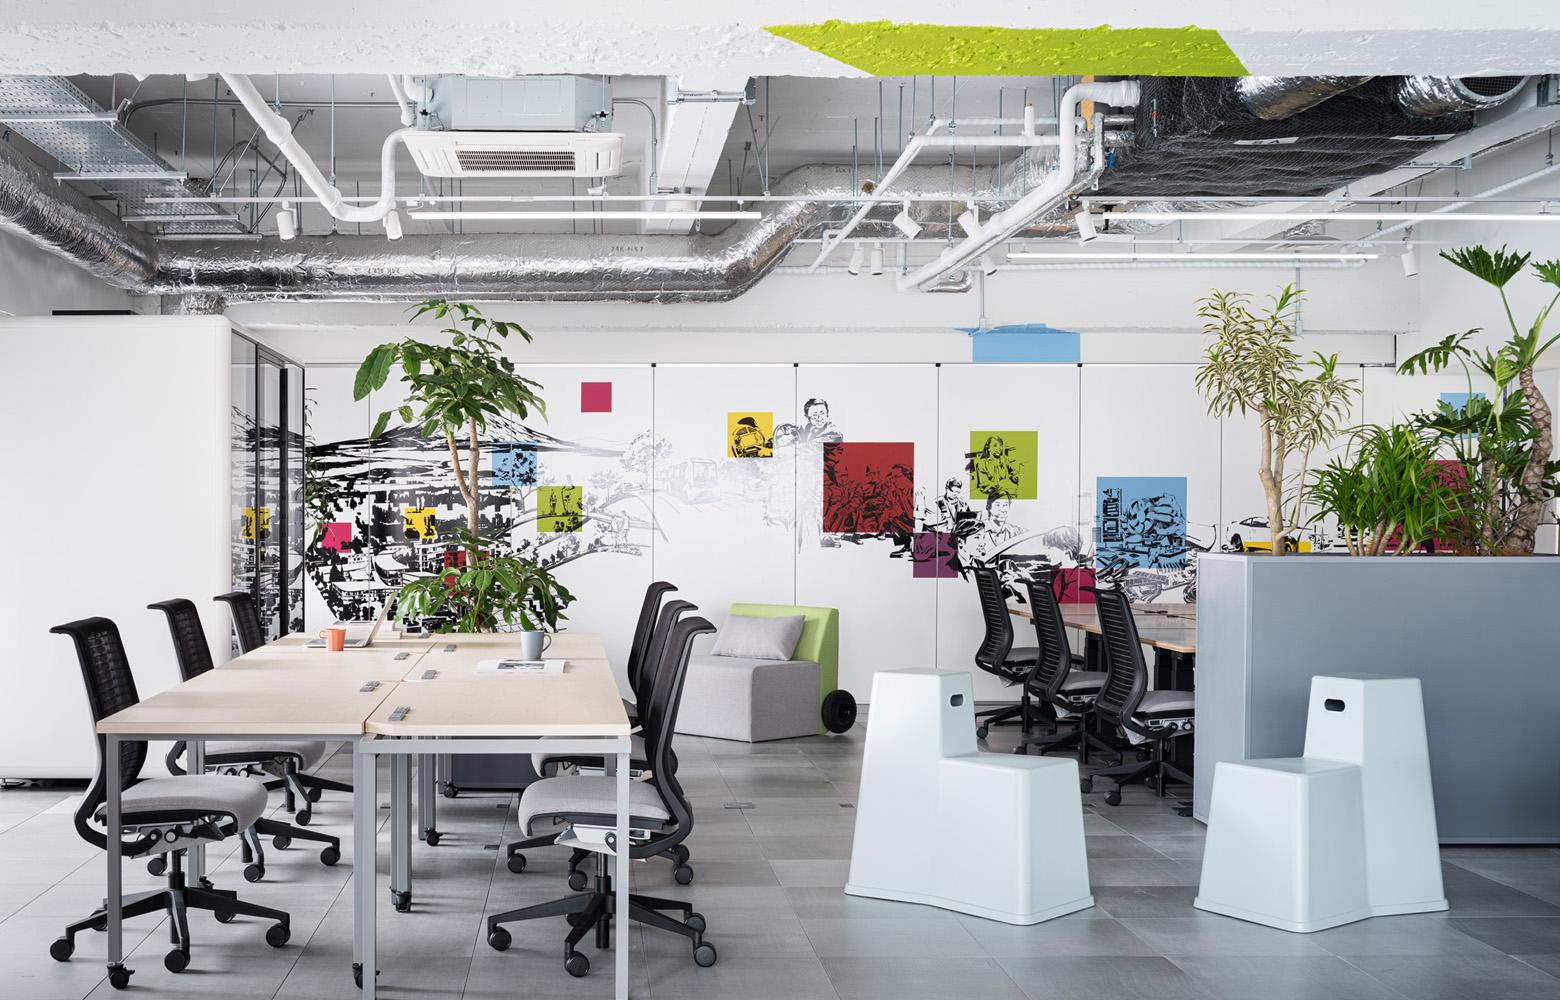 トヨタコネクティッド株式会社 Work Space_4 デザイン・レイアウト事例